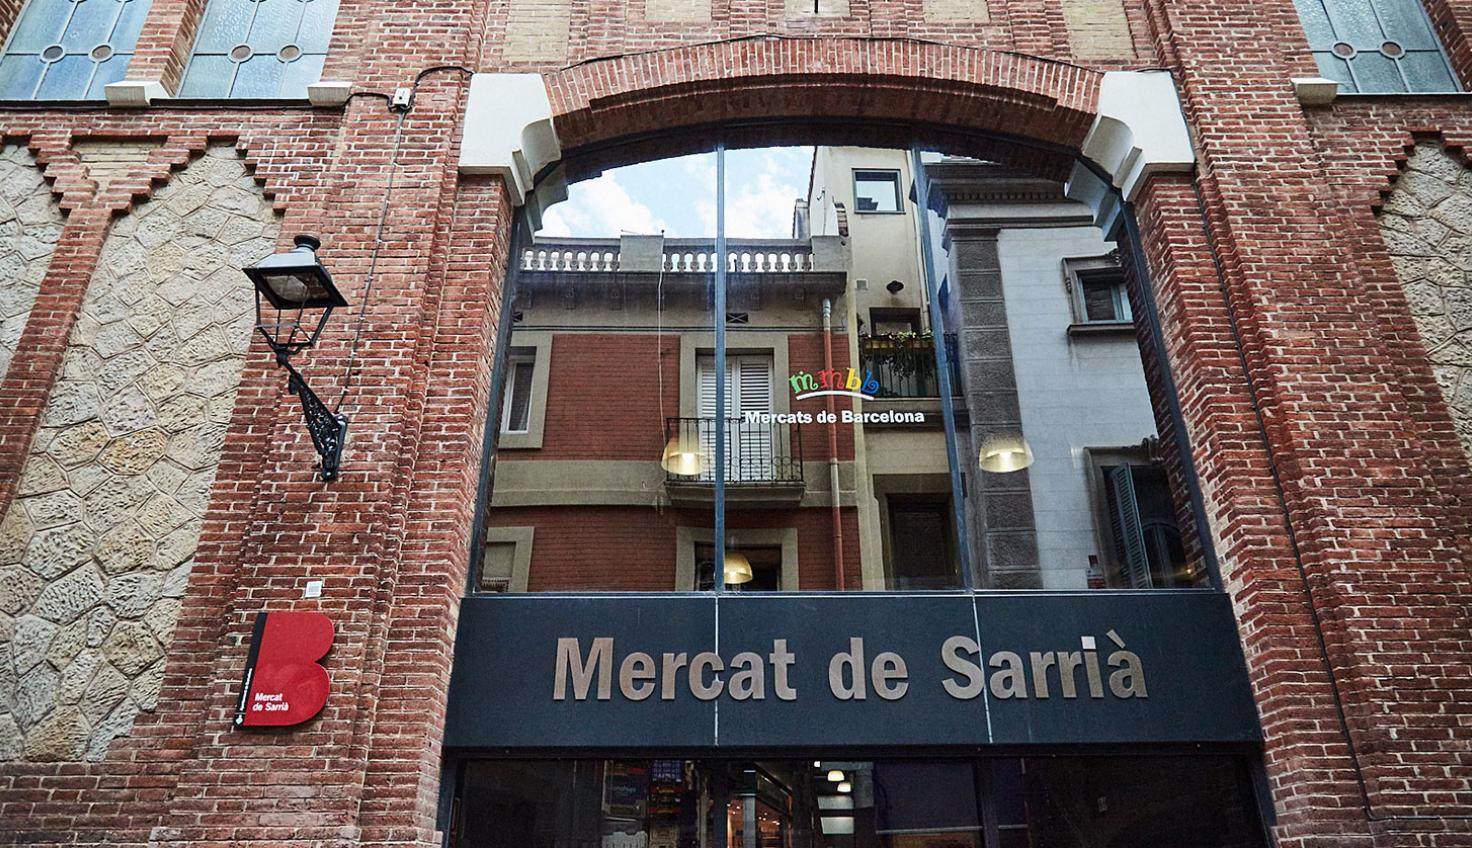 Markthalle Sarrià fotografie